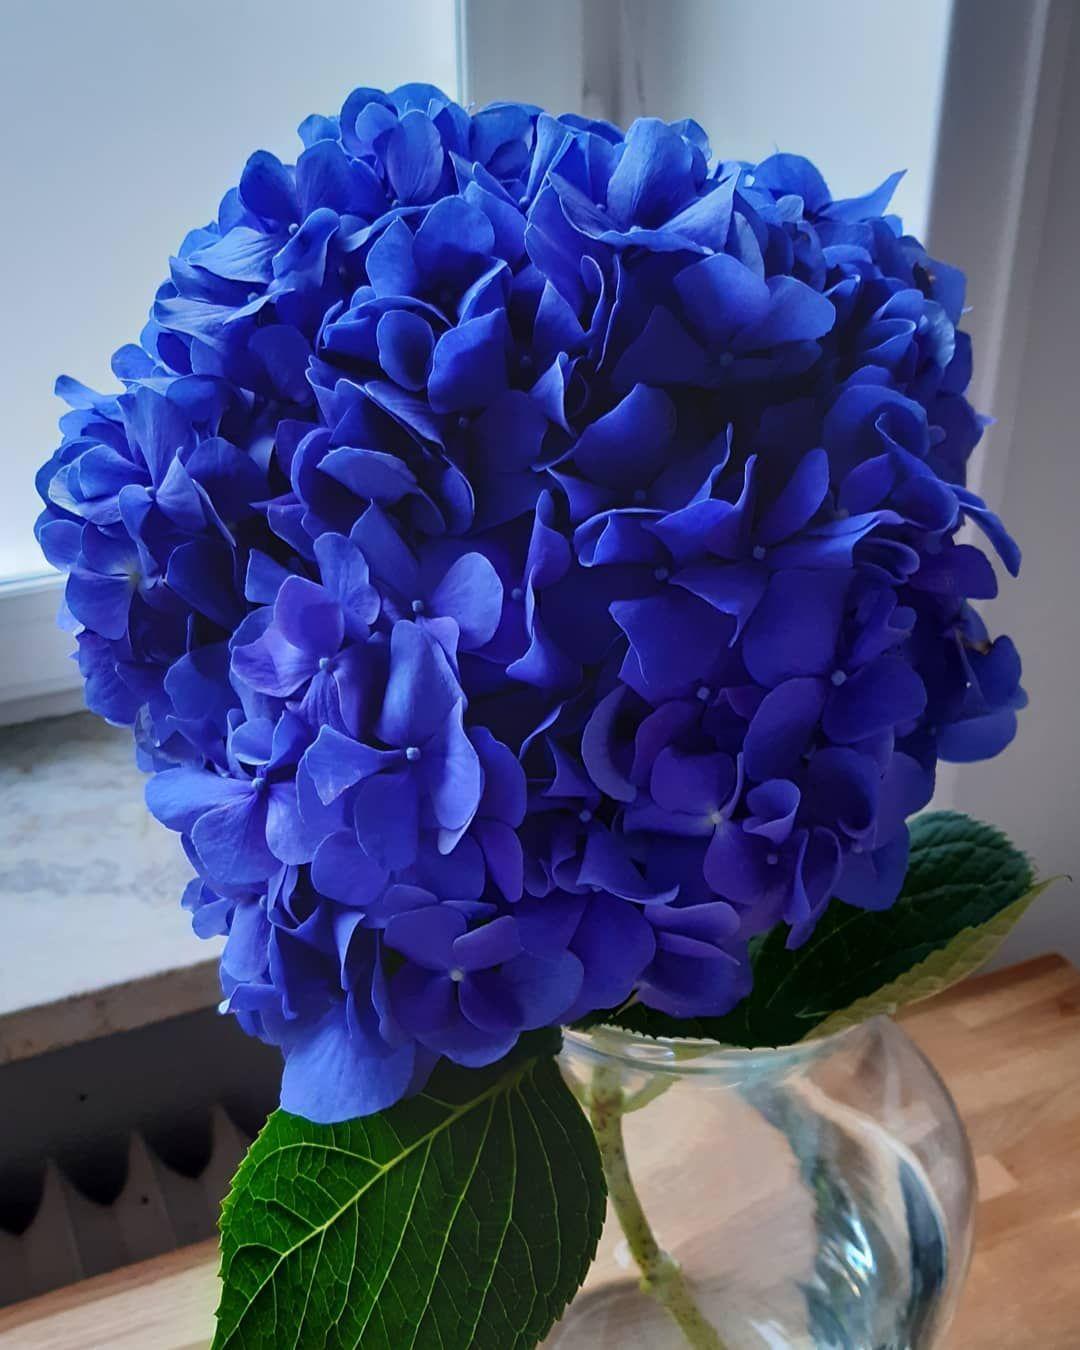 Den Forsta Blomma I Mitt Nya Hem Das Erste Mal Blumchen In Der Neuen Wohnung First Time Fresh Flowers At My New Home Hortensien Hortensia No Plants